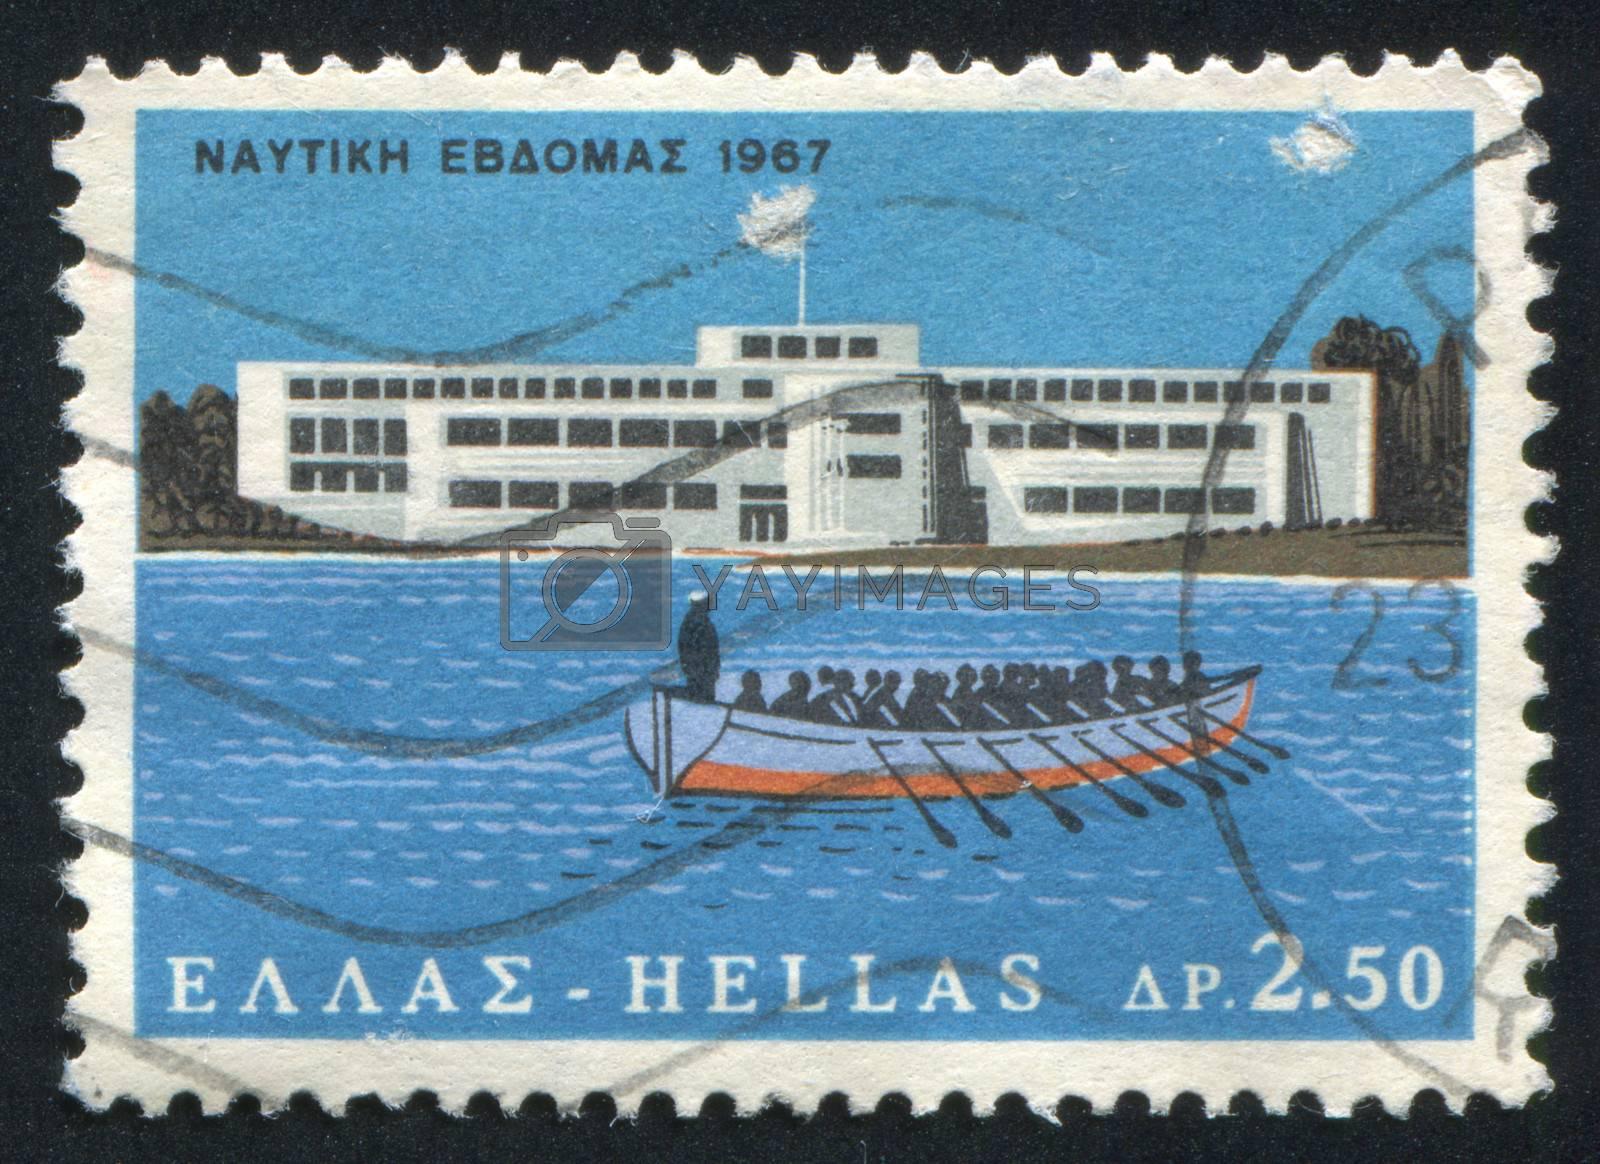 GREECE - CIRCA 1967: stamp printed by Greece, shows Merchant Marine Academy, Aspropyrgos, Attica, and rowing crew, circa 1967